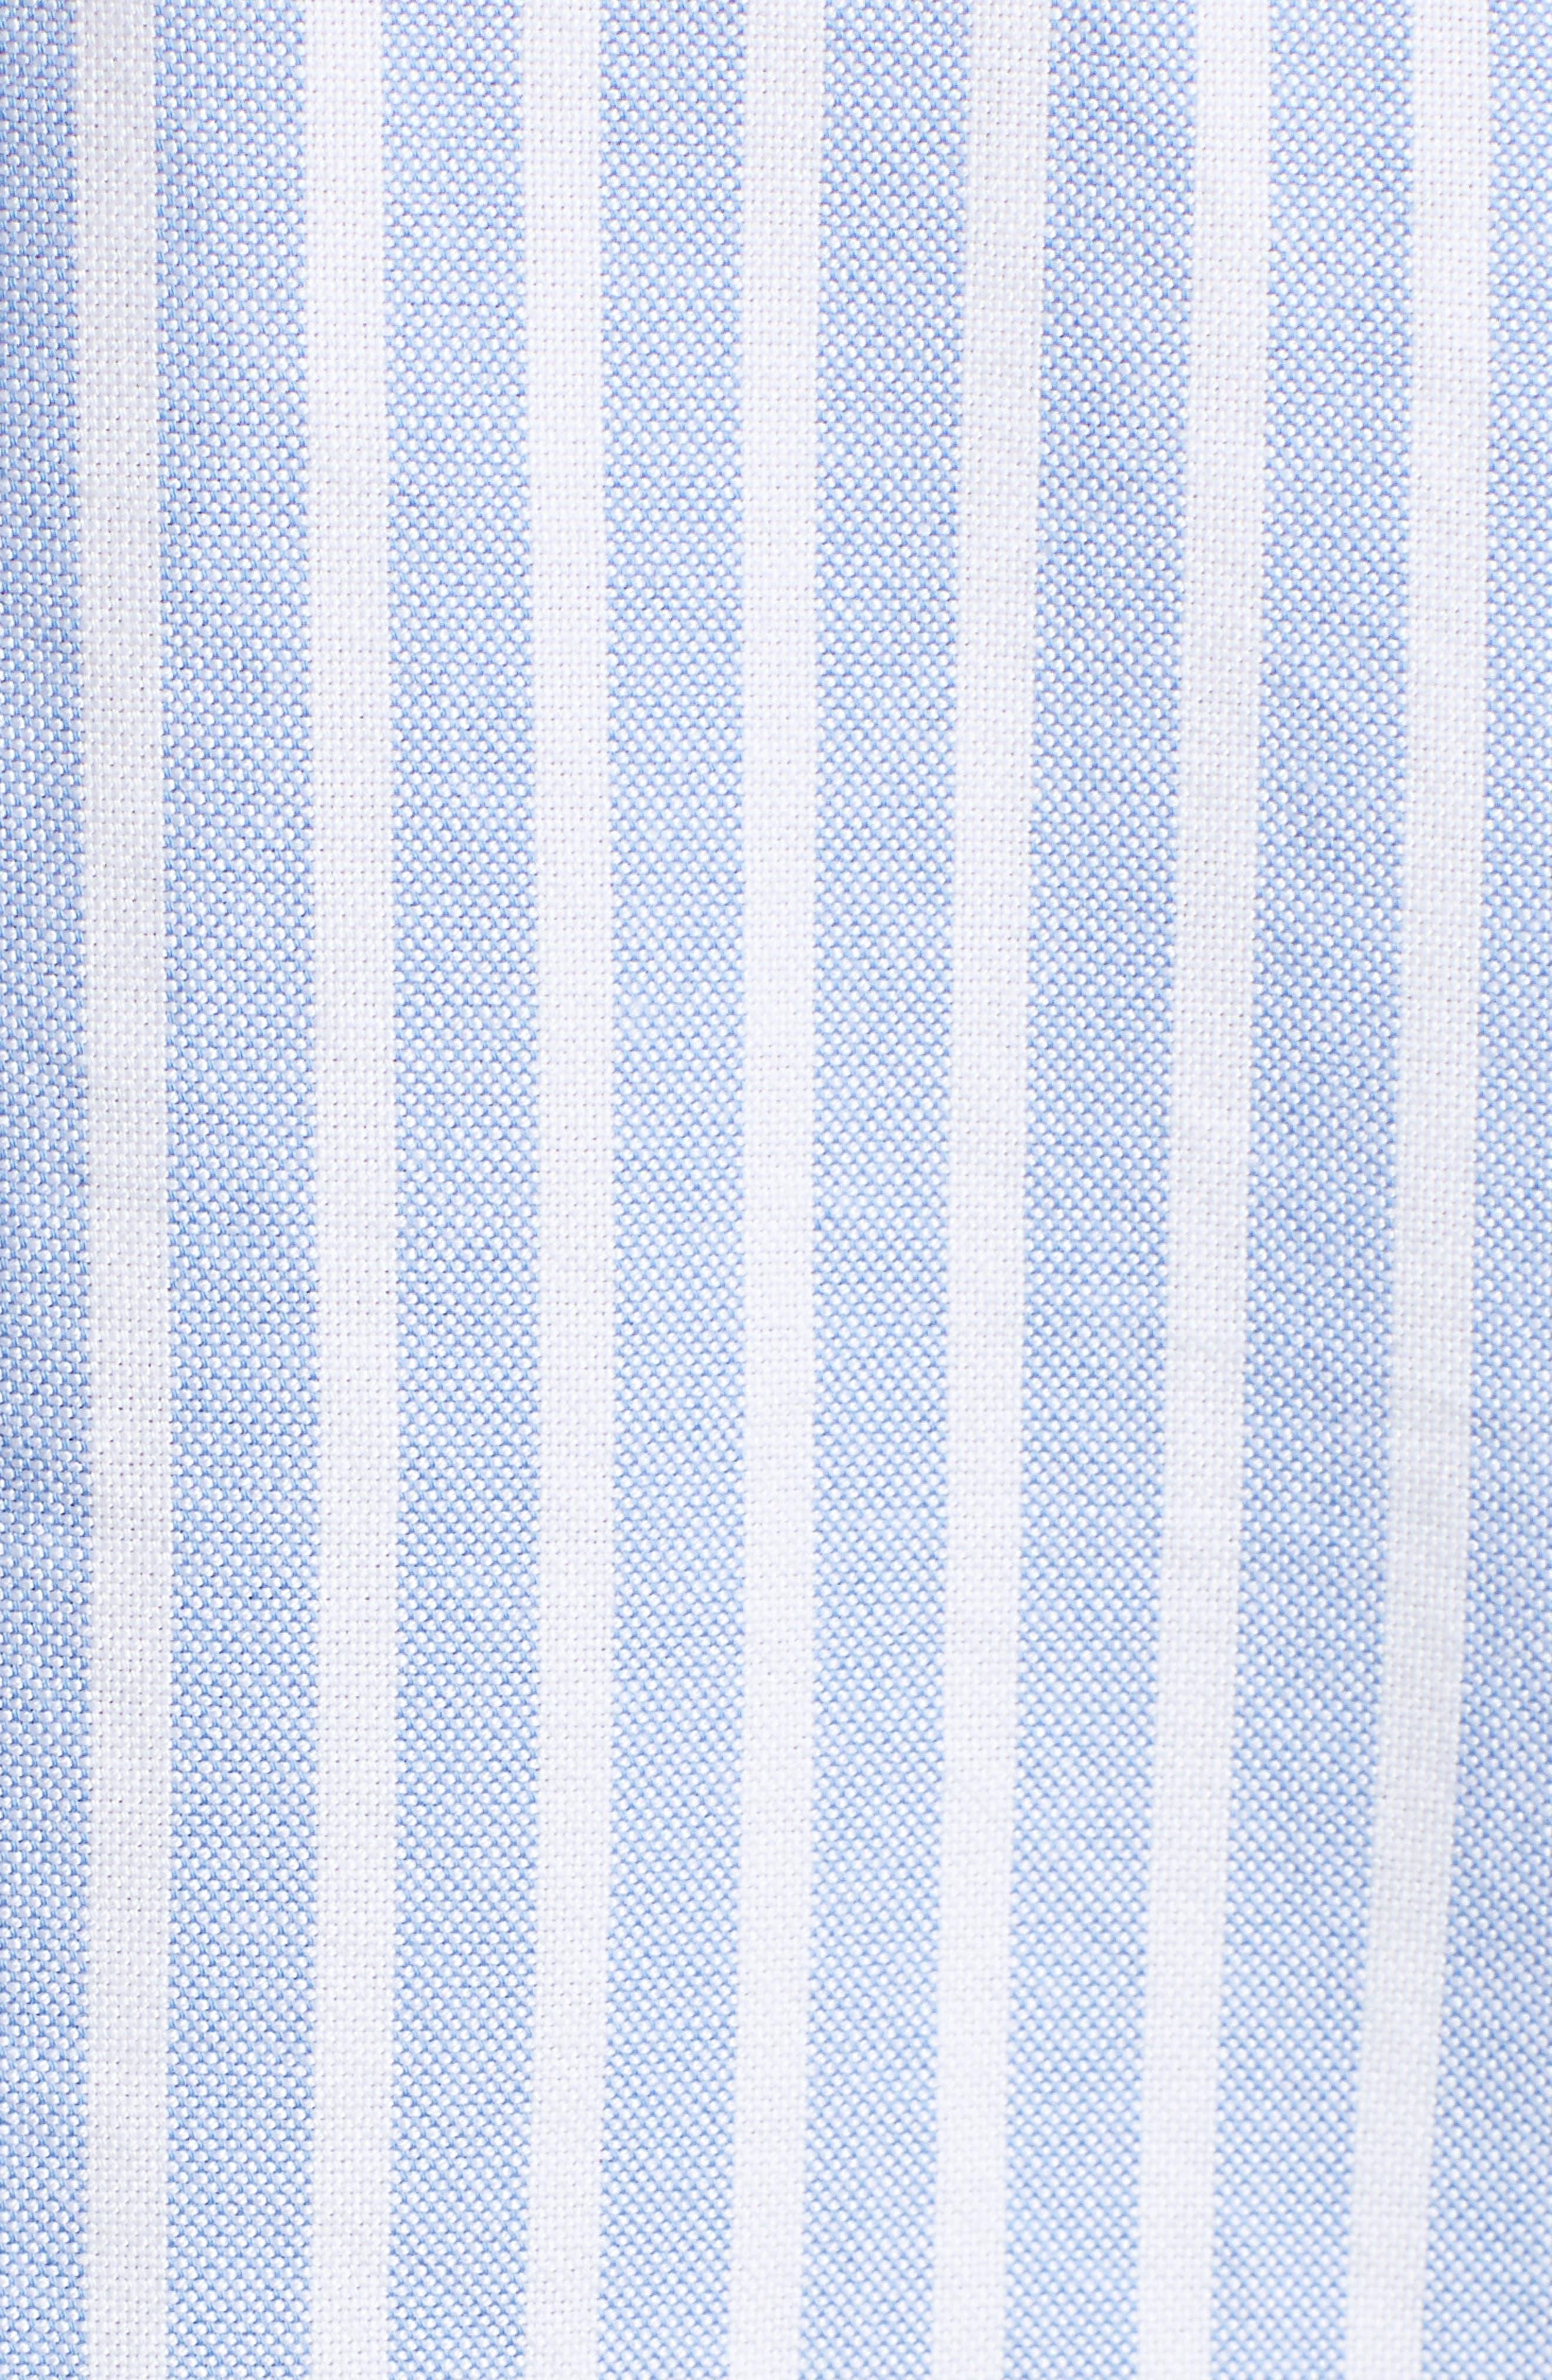 Classics Stripe Shirt,                             Alternate thumbnail 5, color,                             Light Blue / Bright White